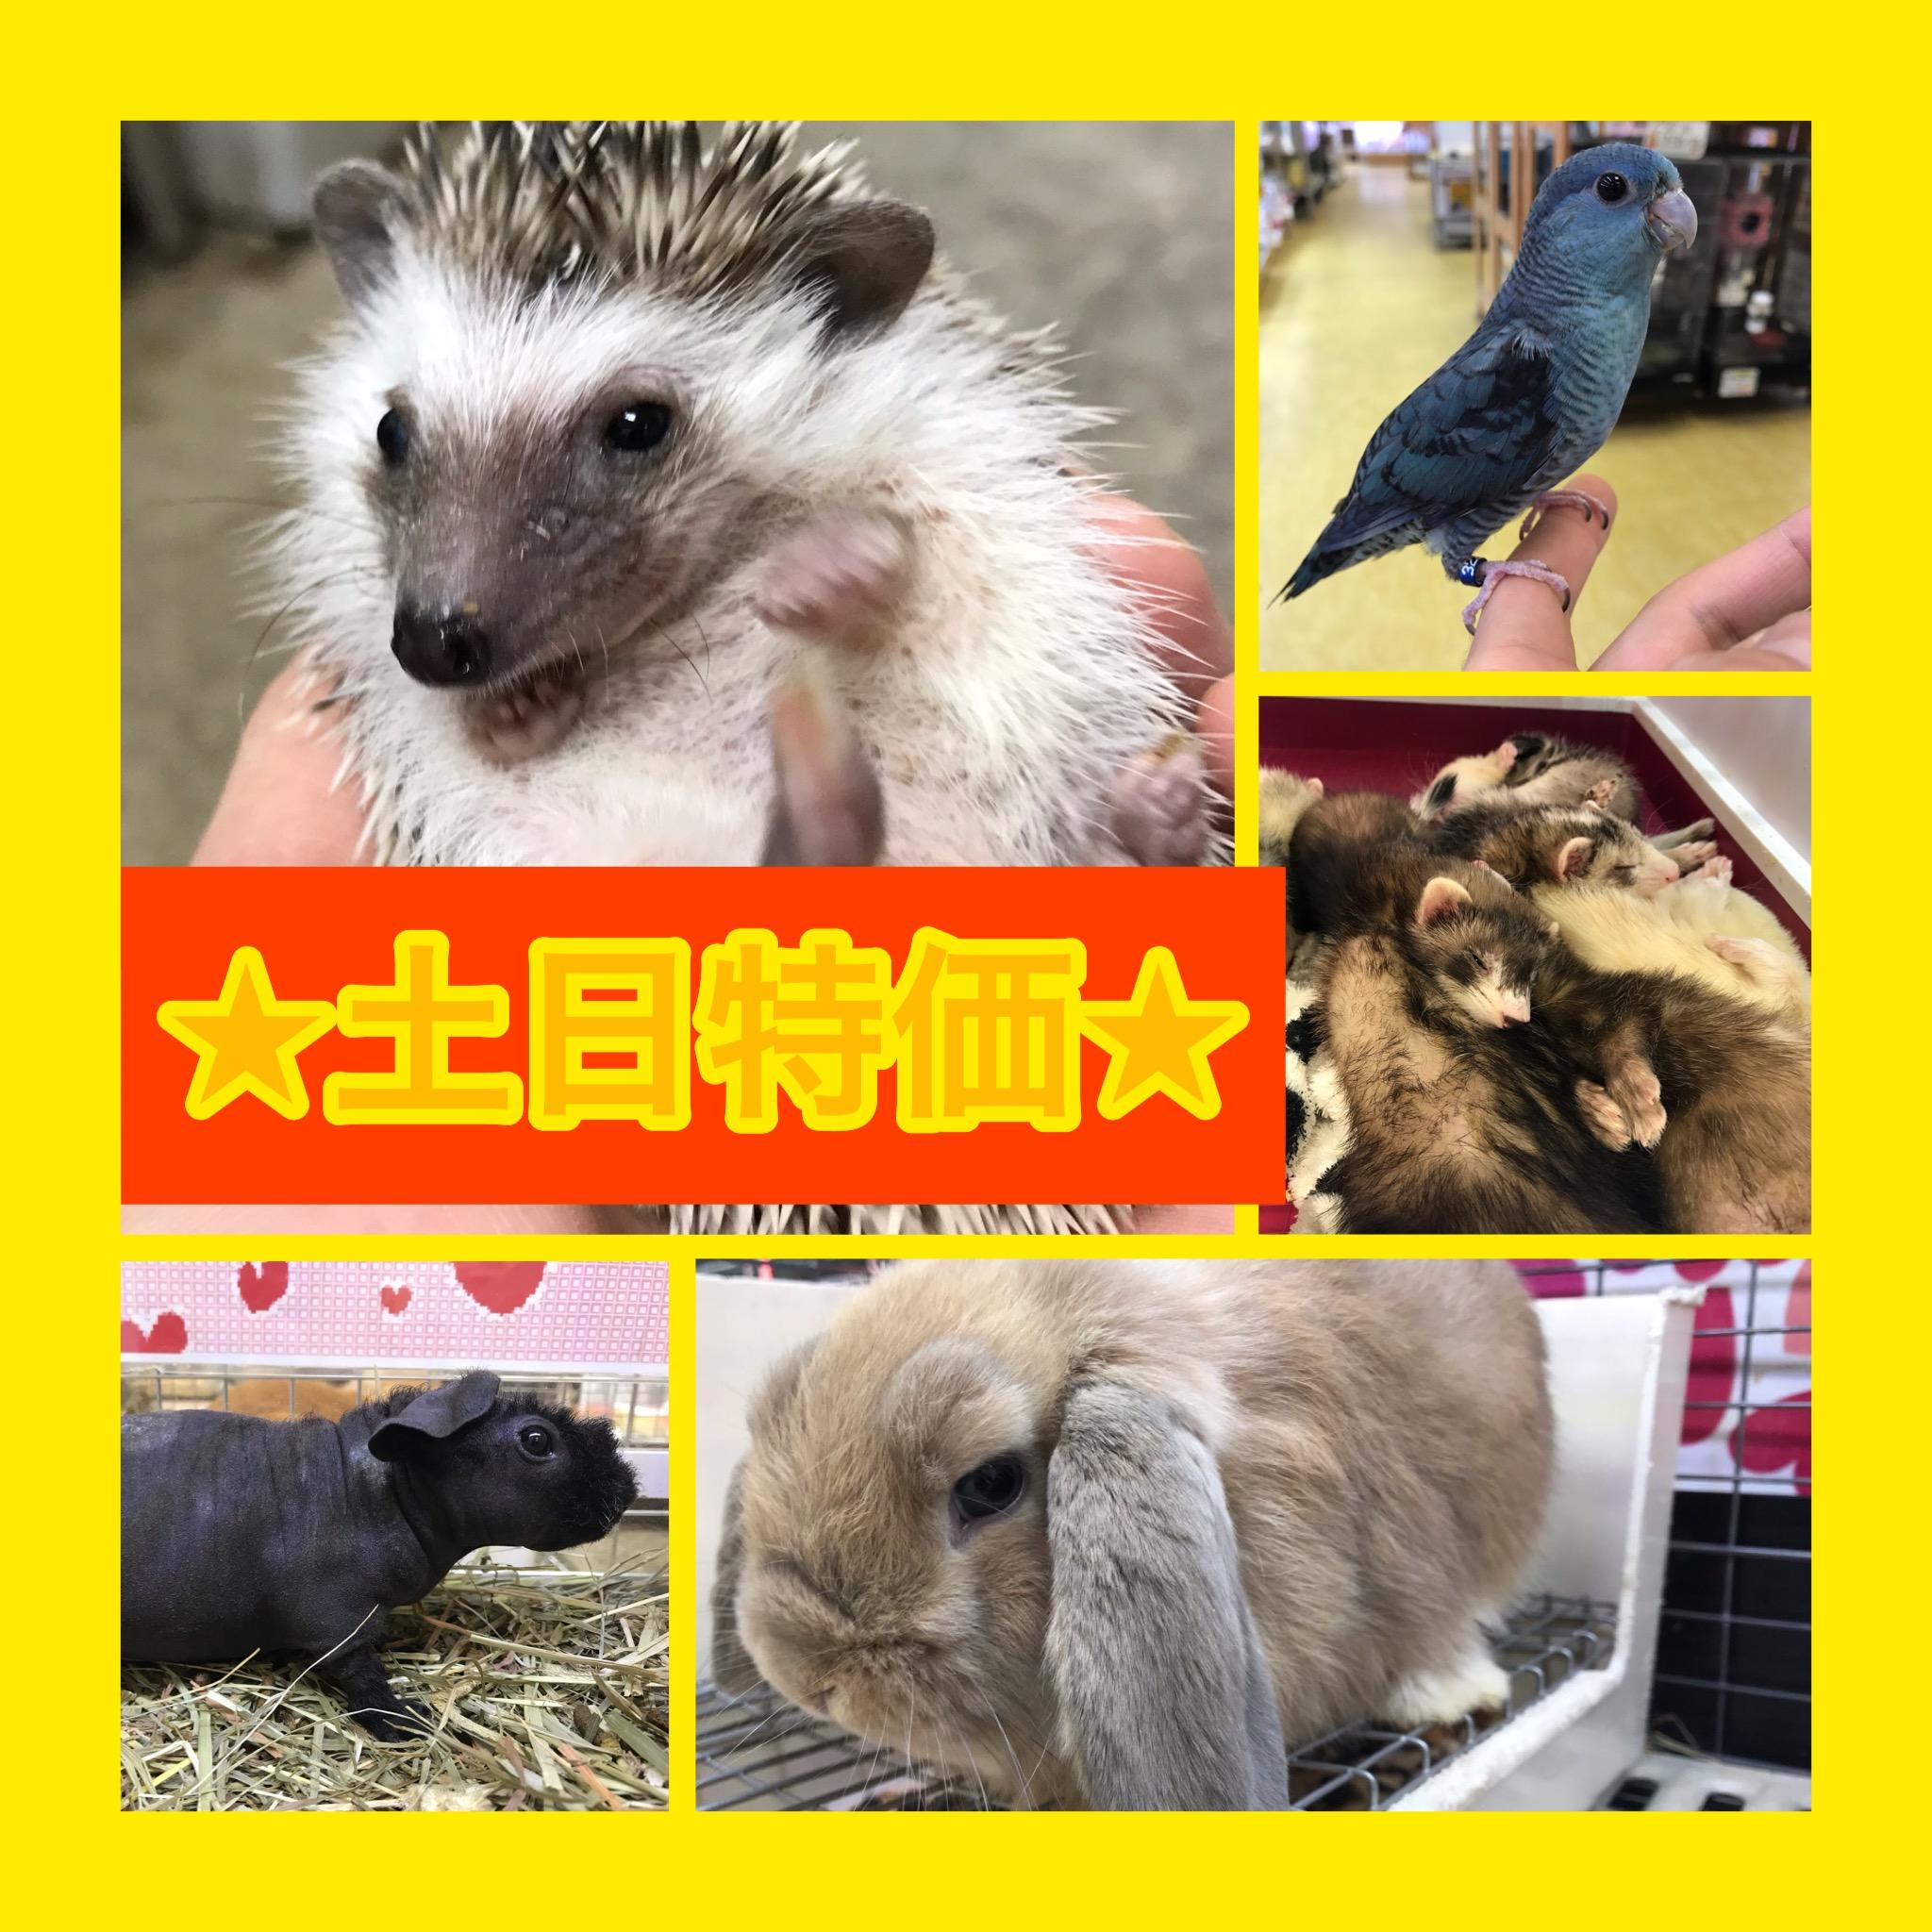 【インター小動物】8月最後の土日特価も激アツですよ〜♪♪